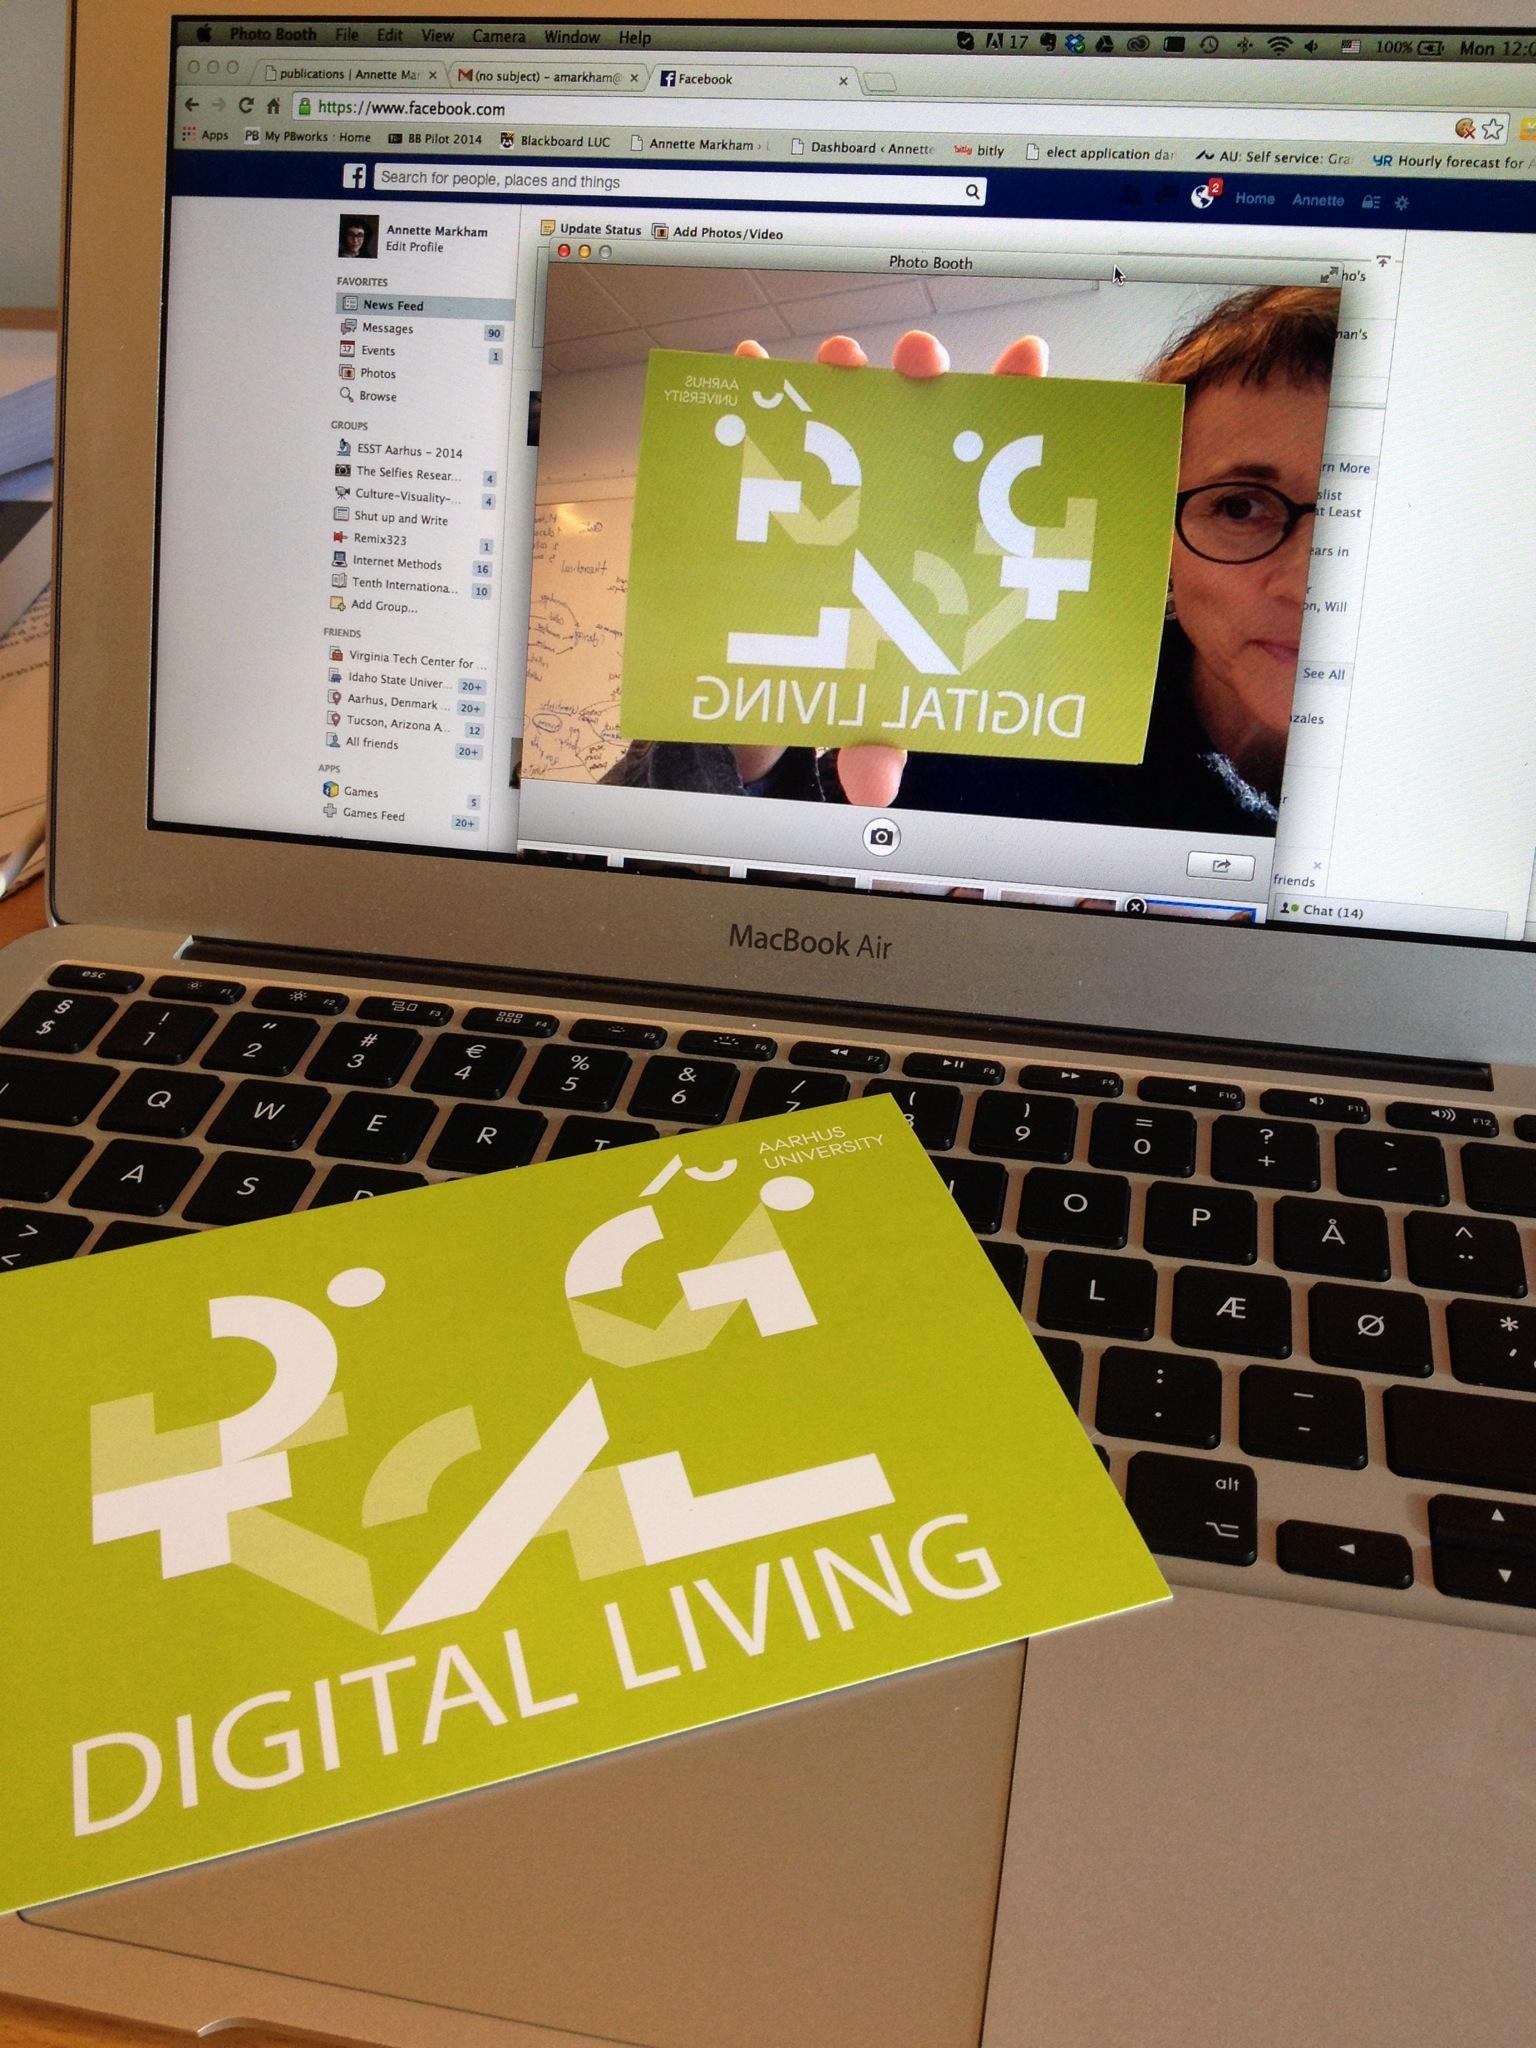 Digital Living Summer School: 2014 in Aarhus